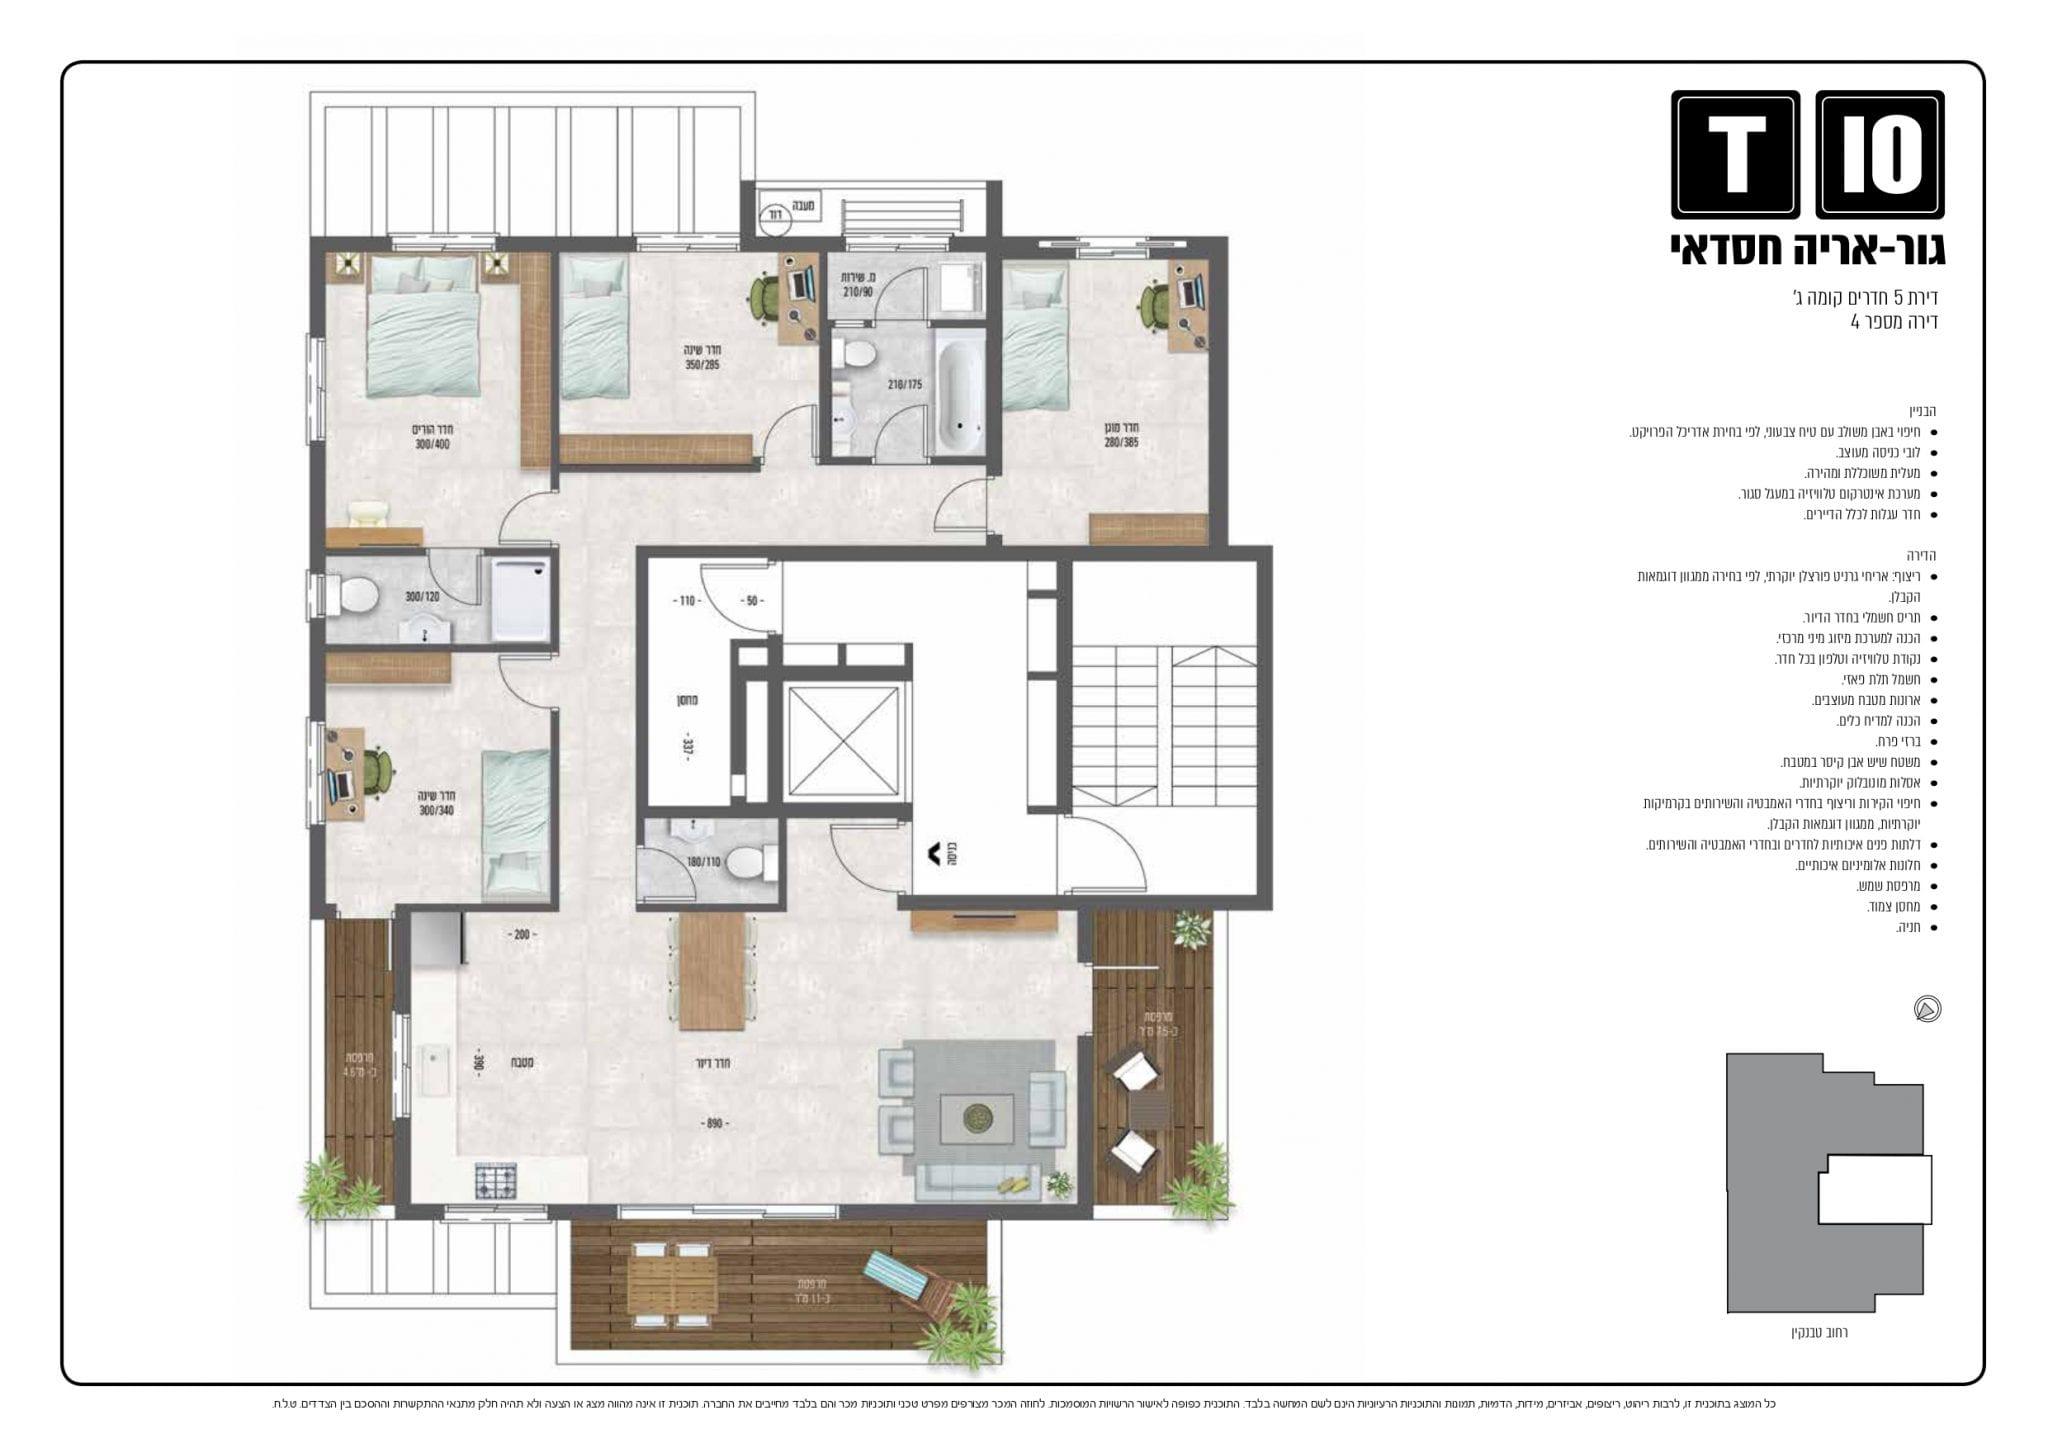 דירת 5 חדרים, עם 3 מרפסות שמש